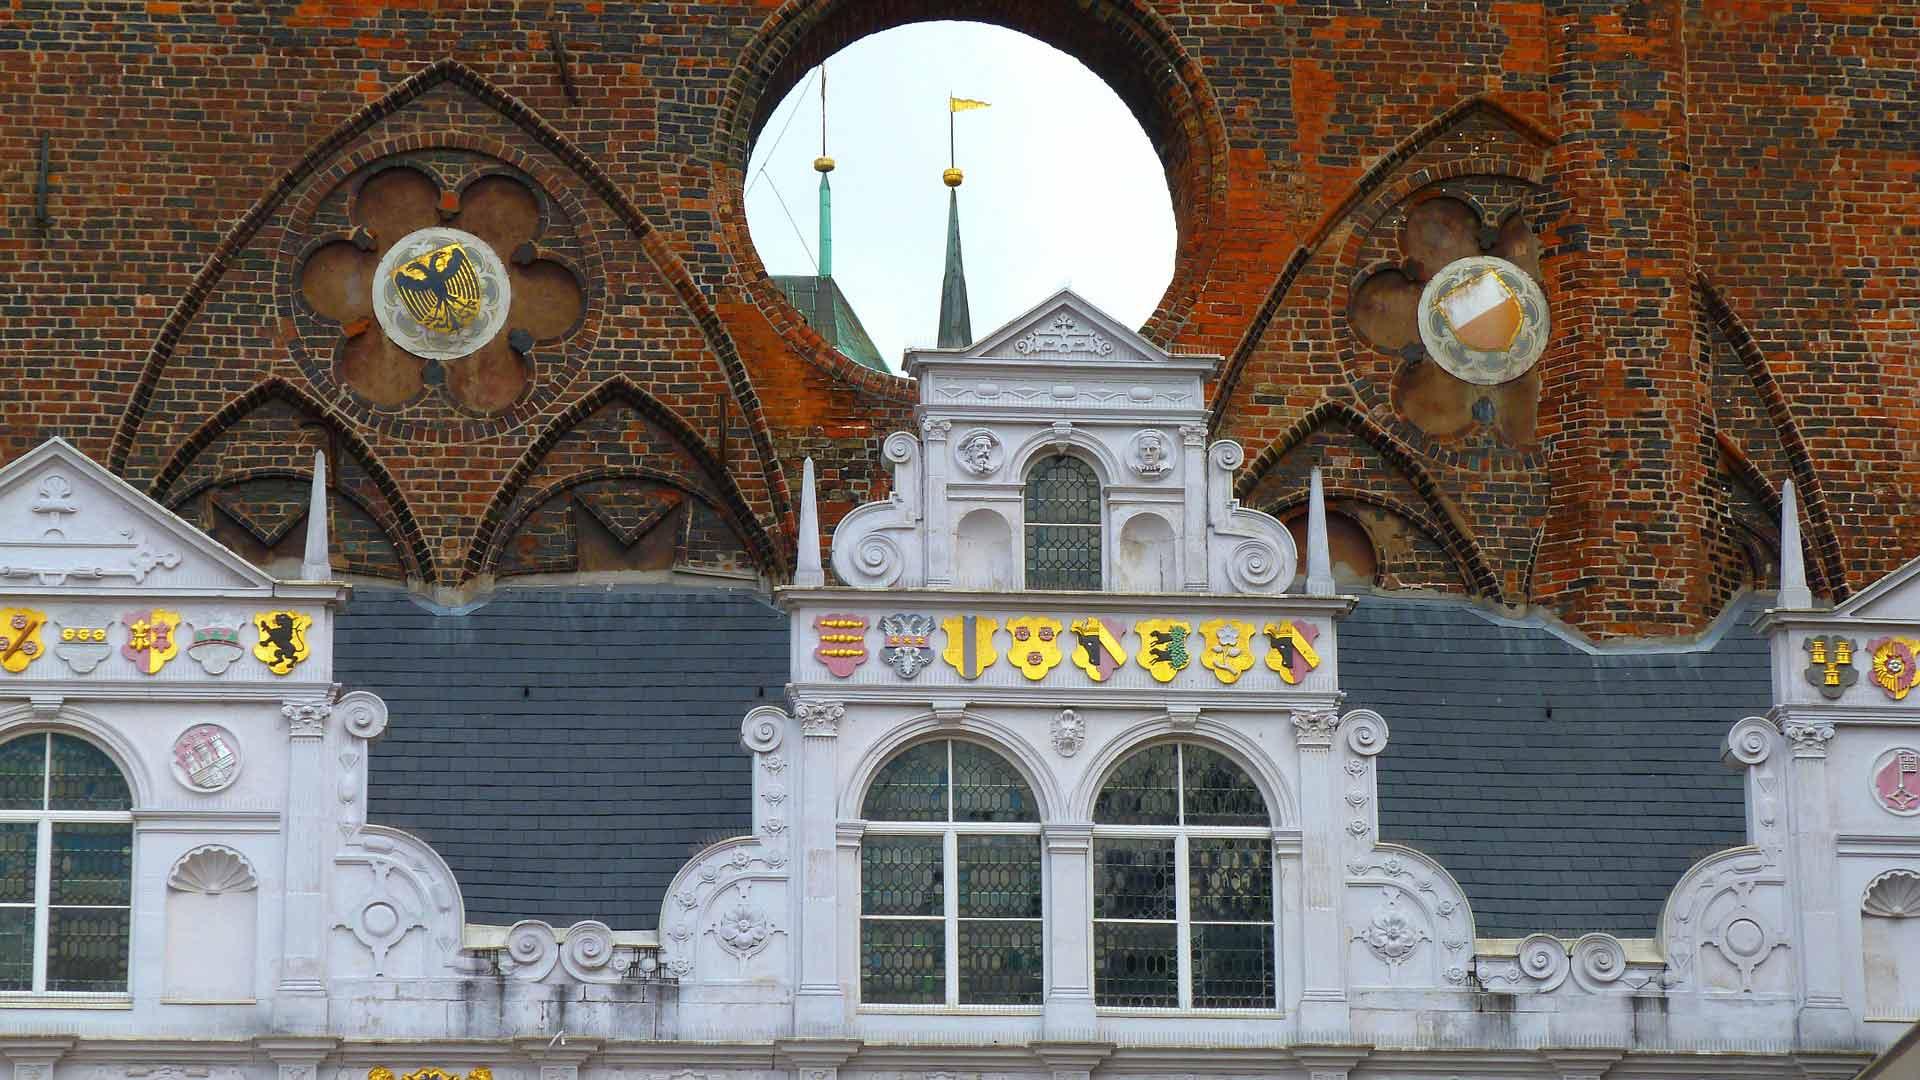 Laat-gotiek en renaissance verenigd in het prachtige stadhuis van Lübeck.